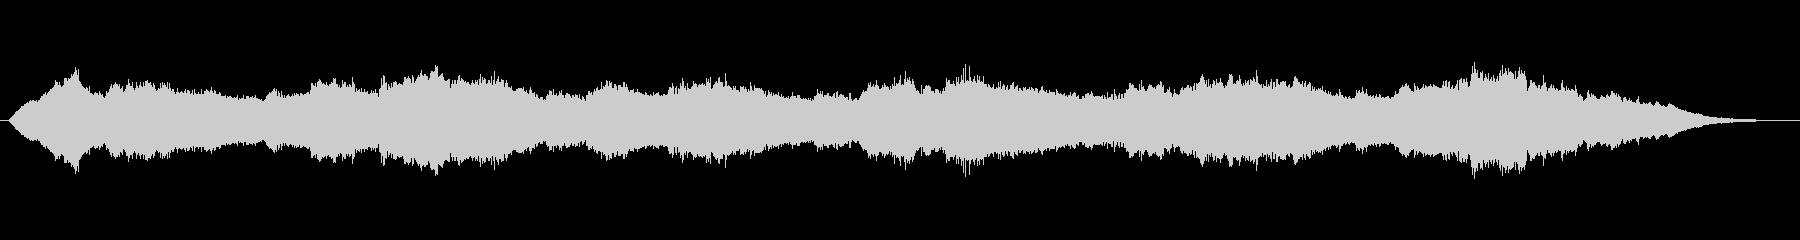 不思議な音色の浮遊感あるアンビエントの未再生の波形